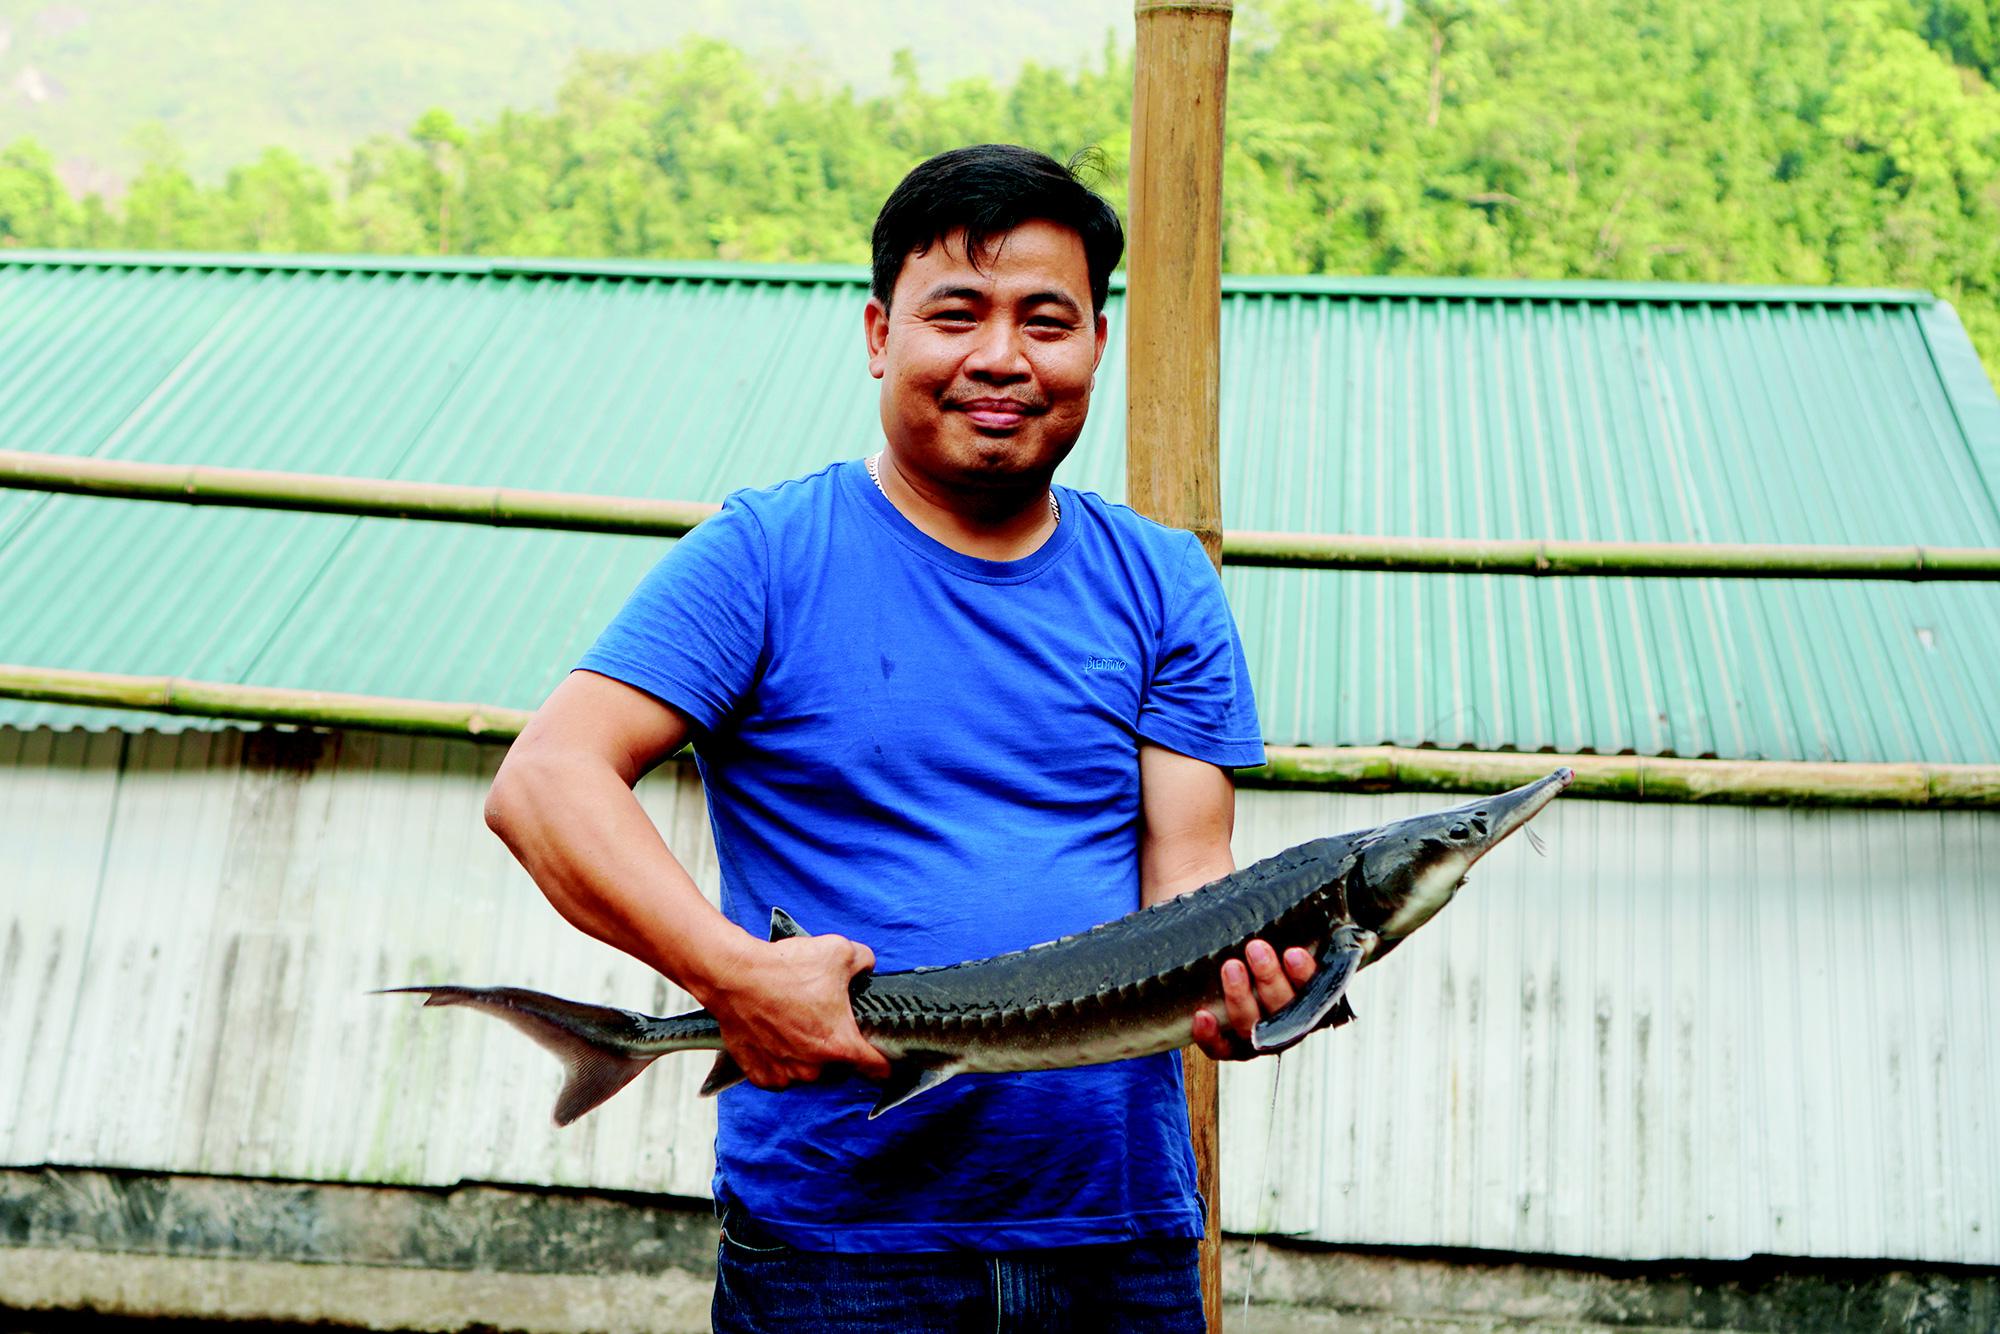 Anh Nguyễn Khắc Đông – chủ trang trại cá hồi, cá tầm ở xã Nấm Dần, huyện Xín Mần, tỉnh Hà Giang.